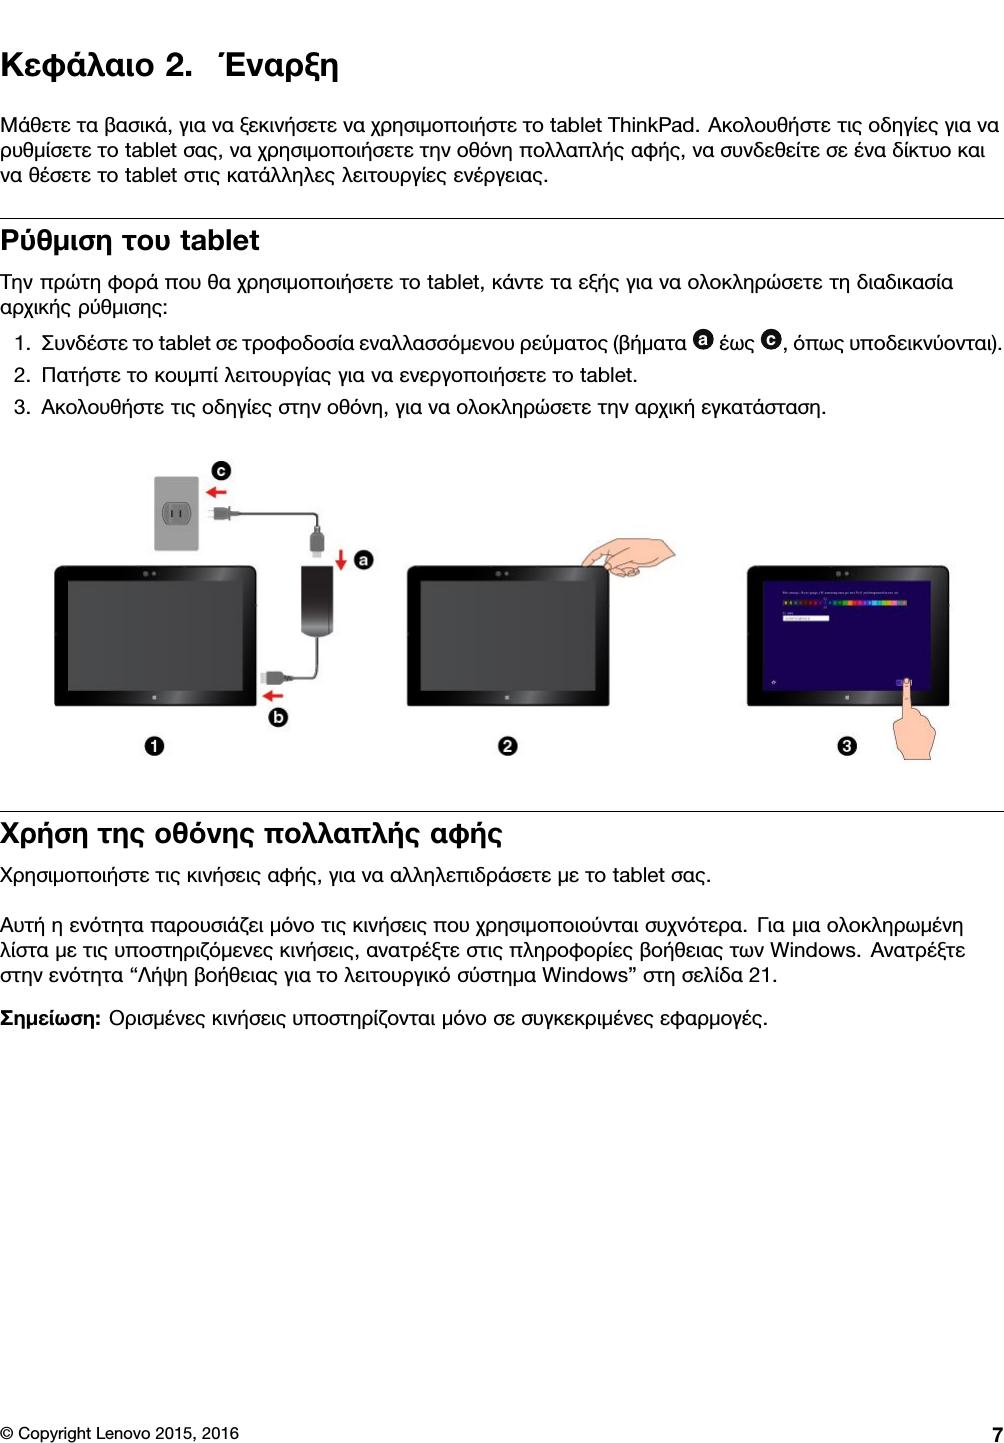 εφαρμογές που χρησιμοποιούνται για να συνδέσετε παραδείγματα τίτλων προφίλ σε ιστότοπους γνωριμιών